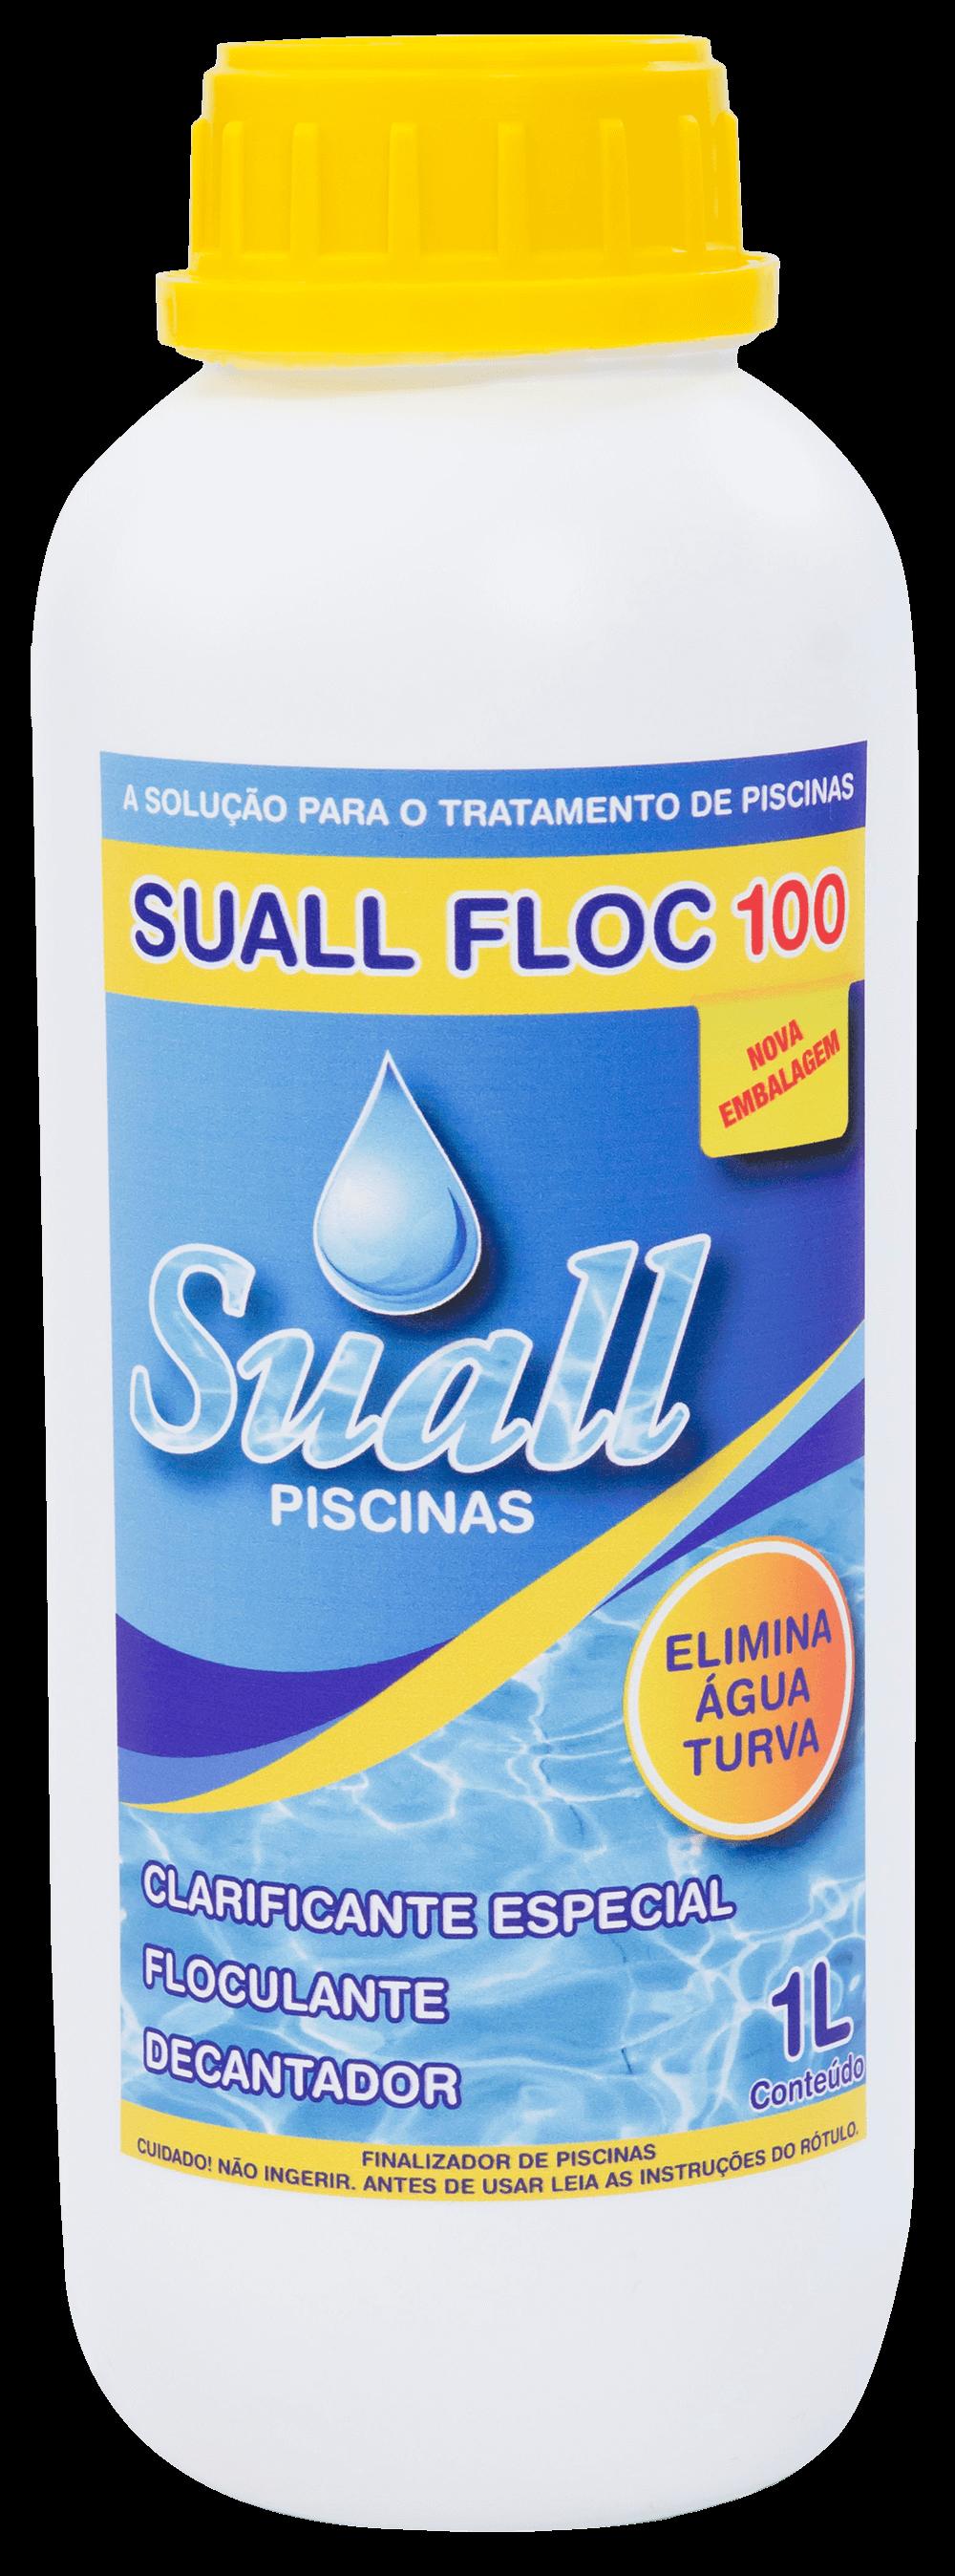 SUALL FLOC 100 - CLARIFICANTE FLOCULANTE DECANTADOR